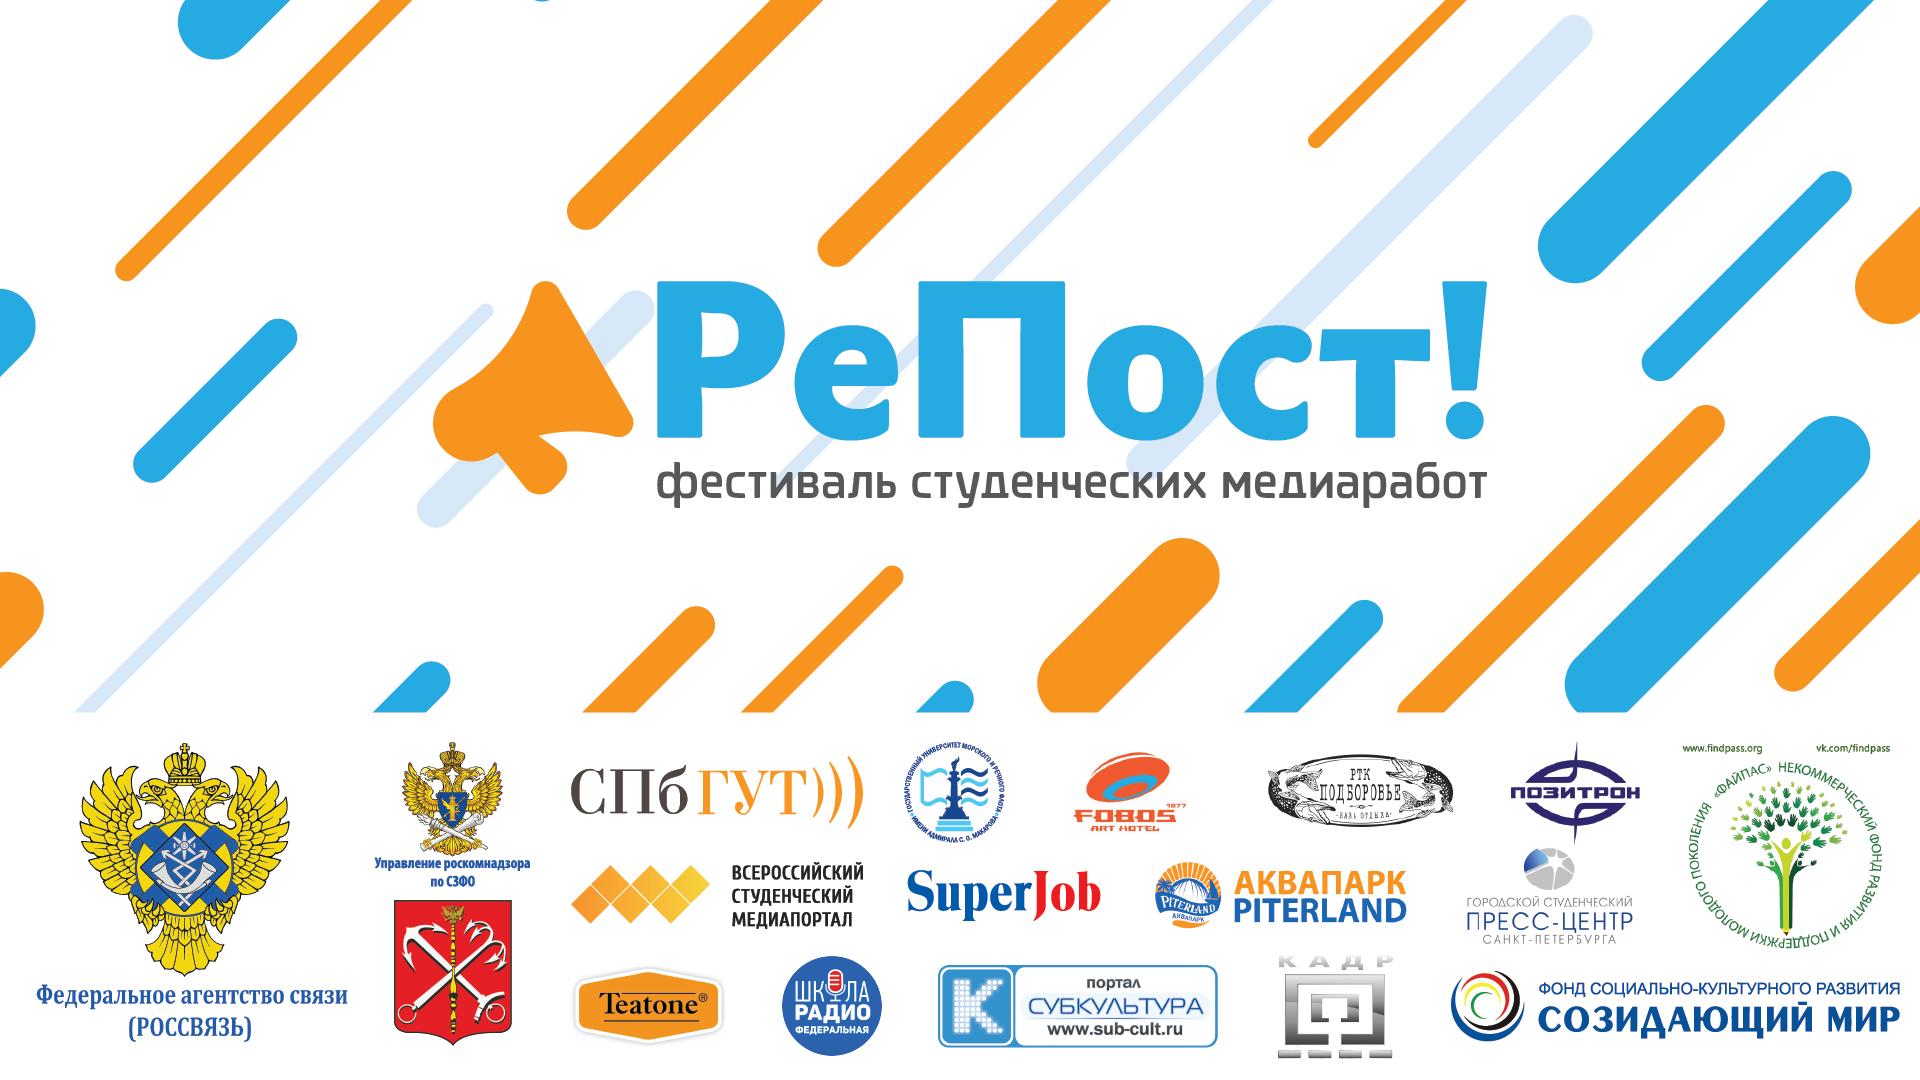 V Всероссийский фестиваль студенческих медиаработ «РеПост!» приглашает участников ✨